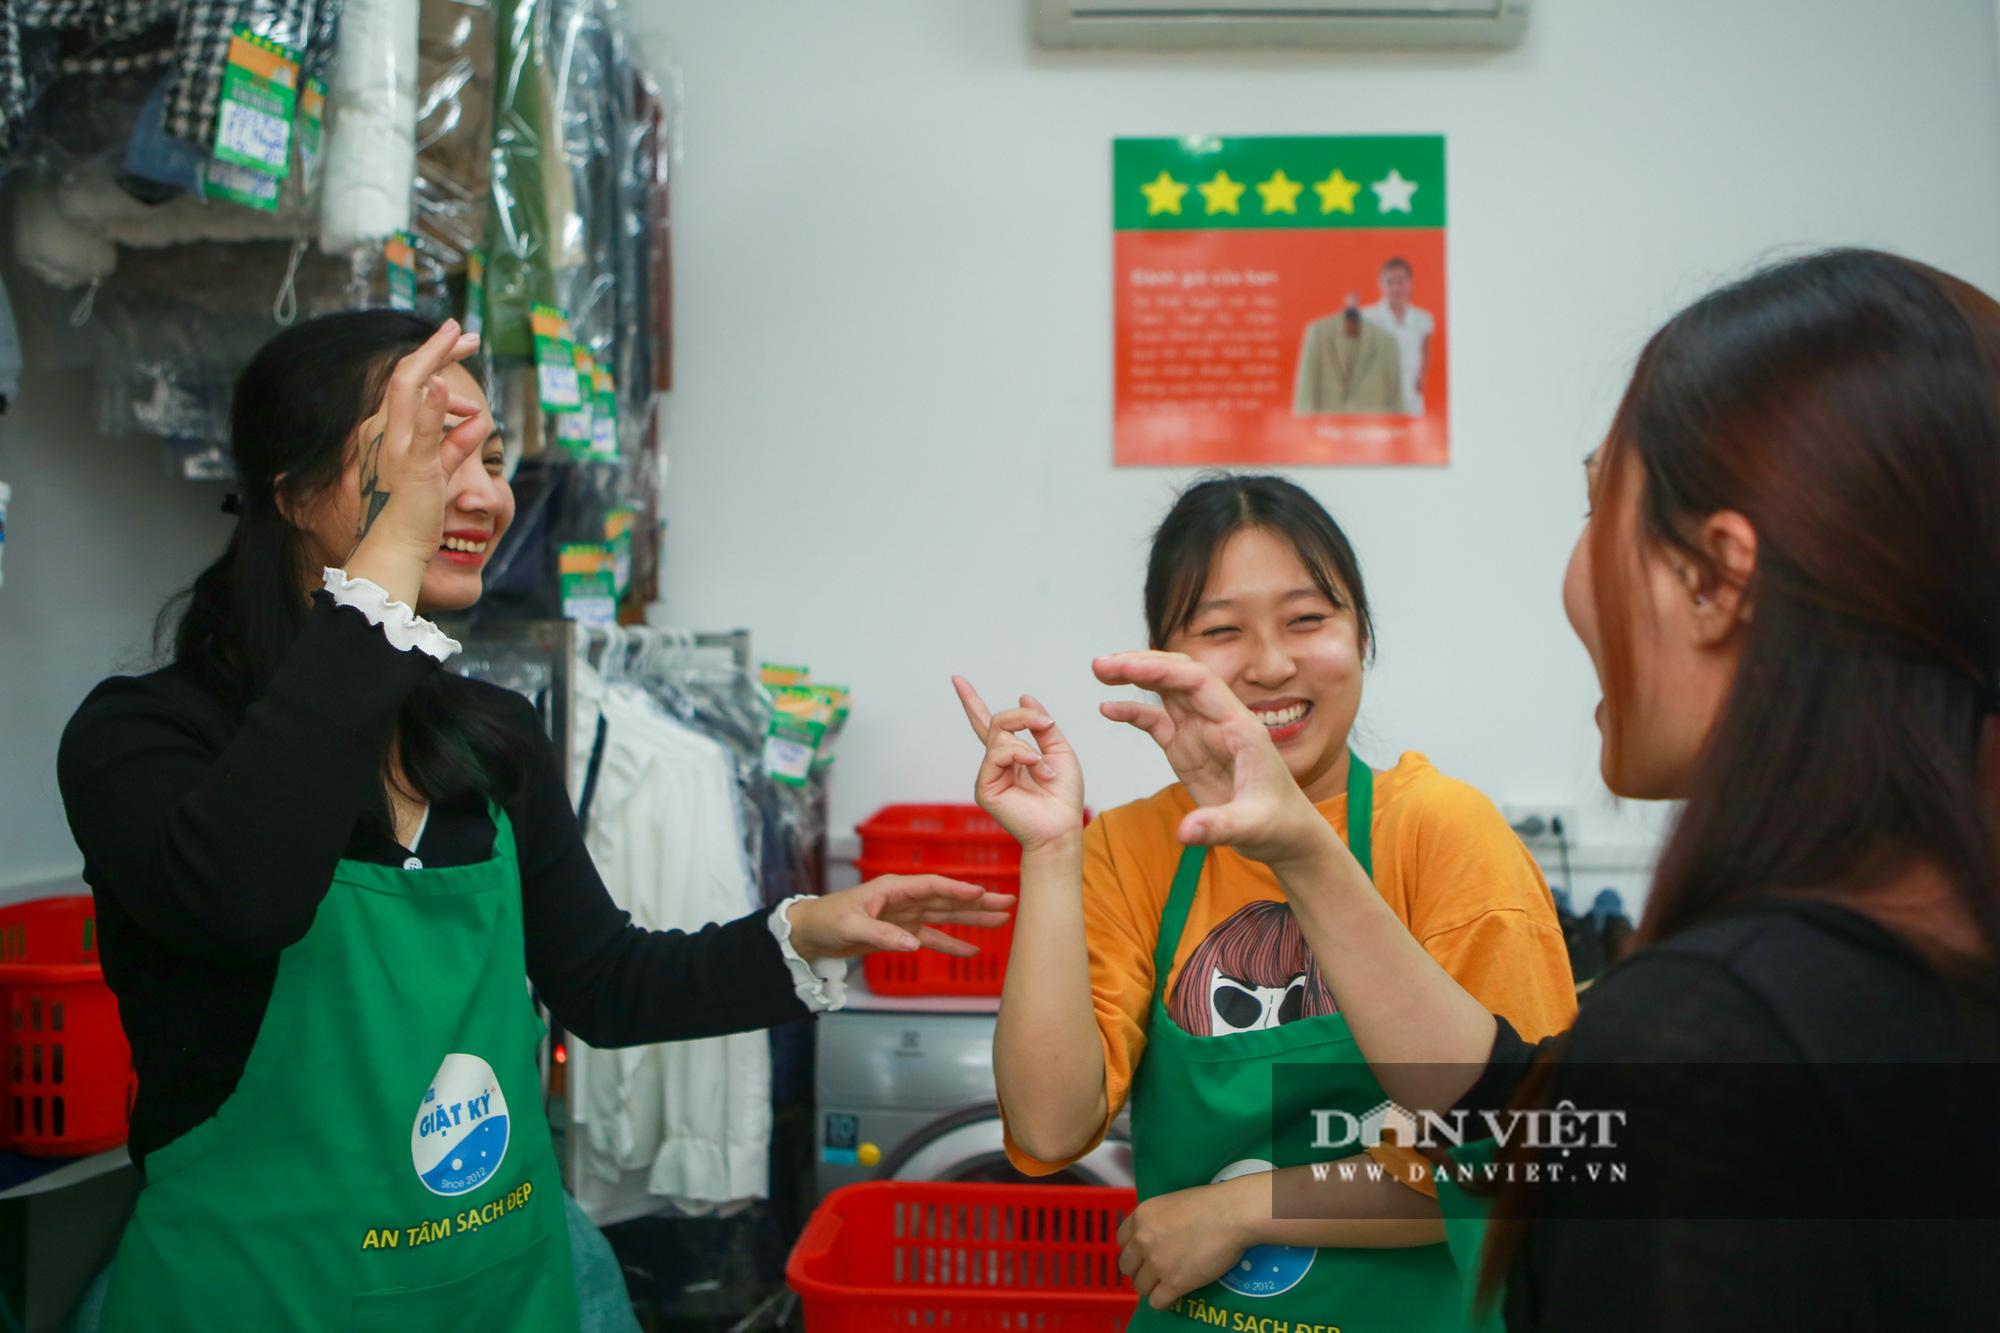 Tiệm giặt là không tiếng nói của những cô gái xinh đẹp tại Hà Nội - Ảnh 5.